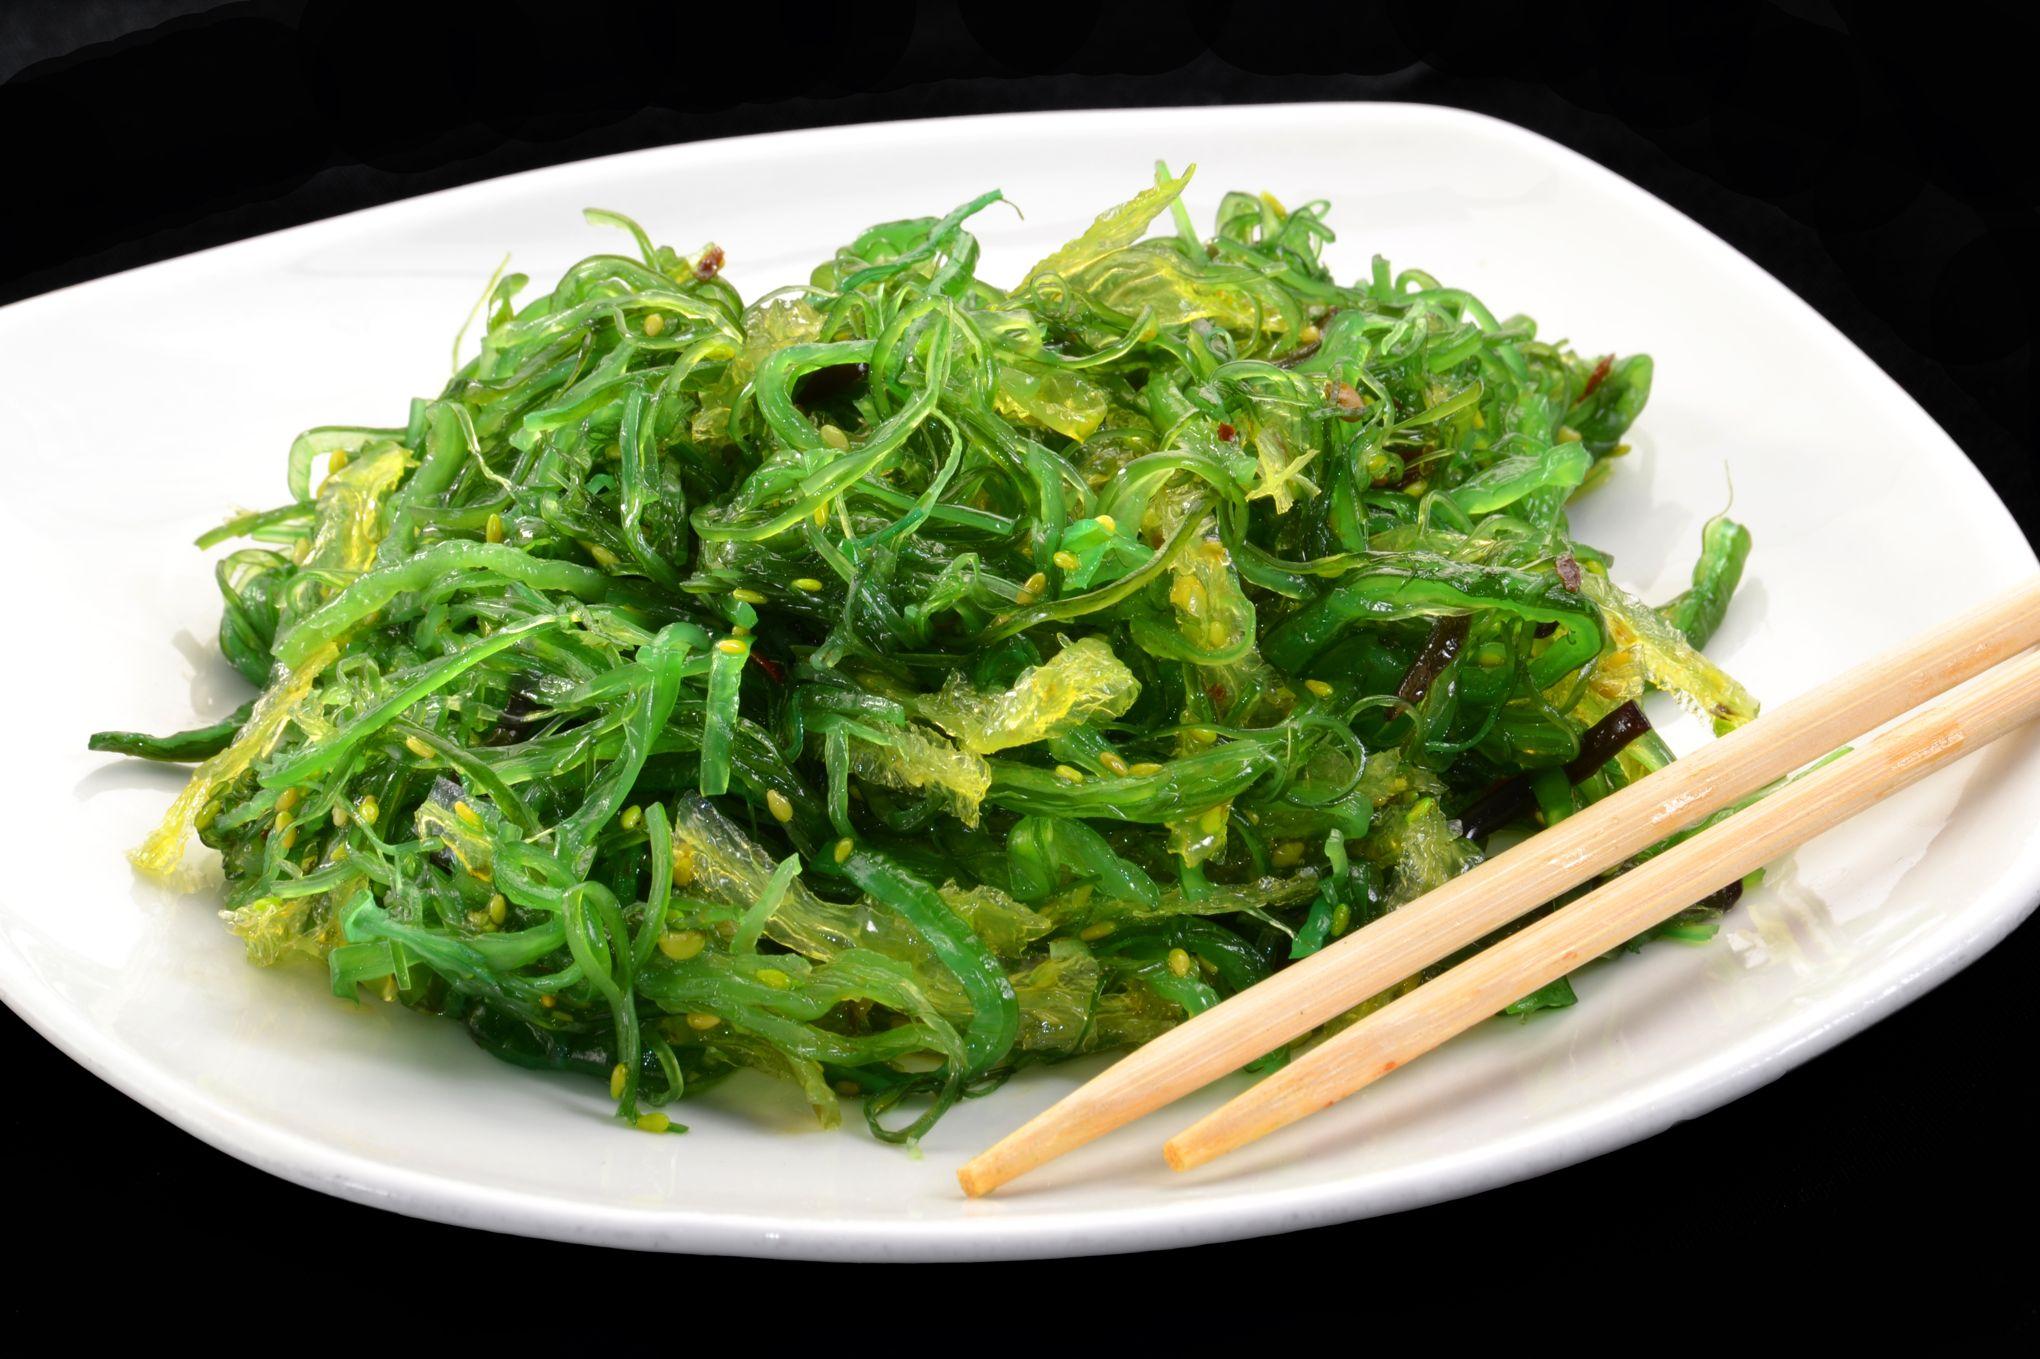 Manger des algues en excès est risqué pour la santé